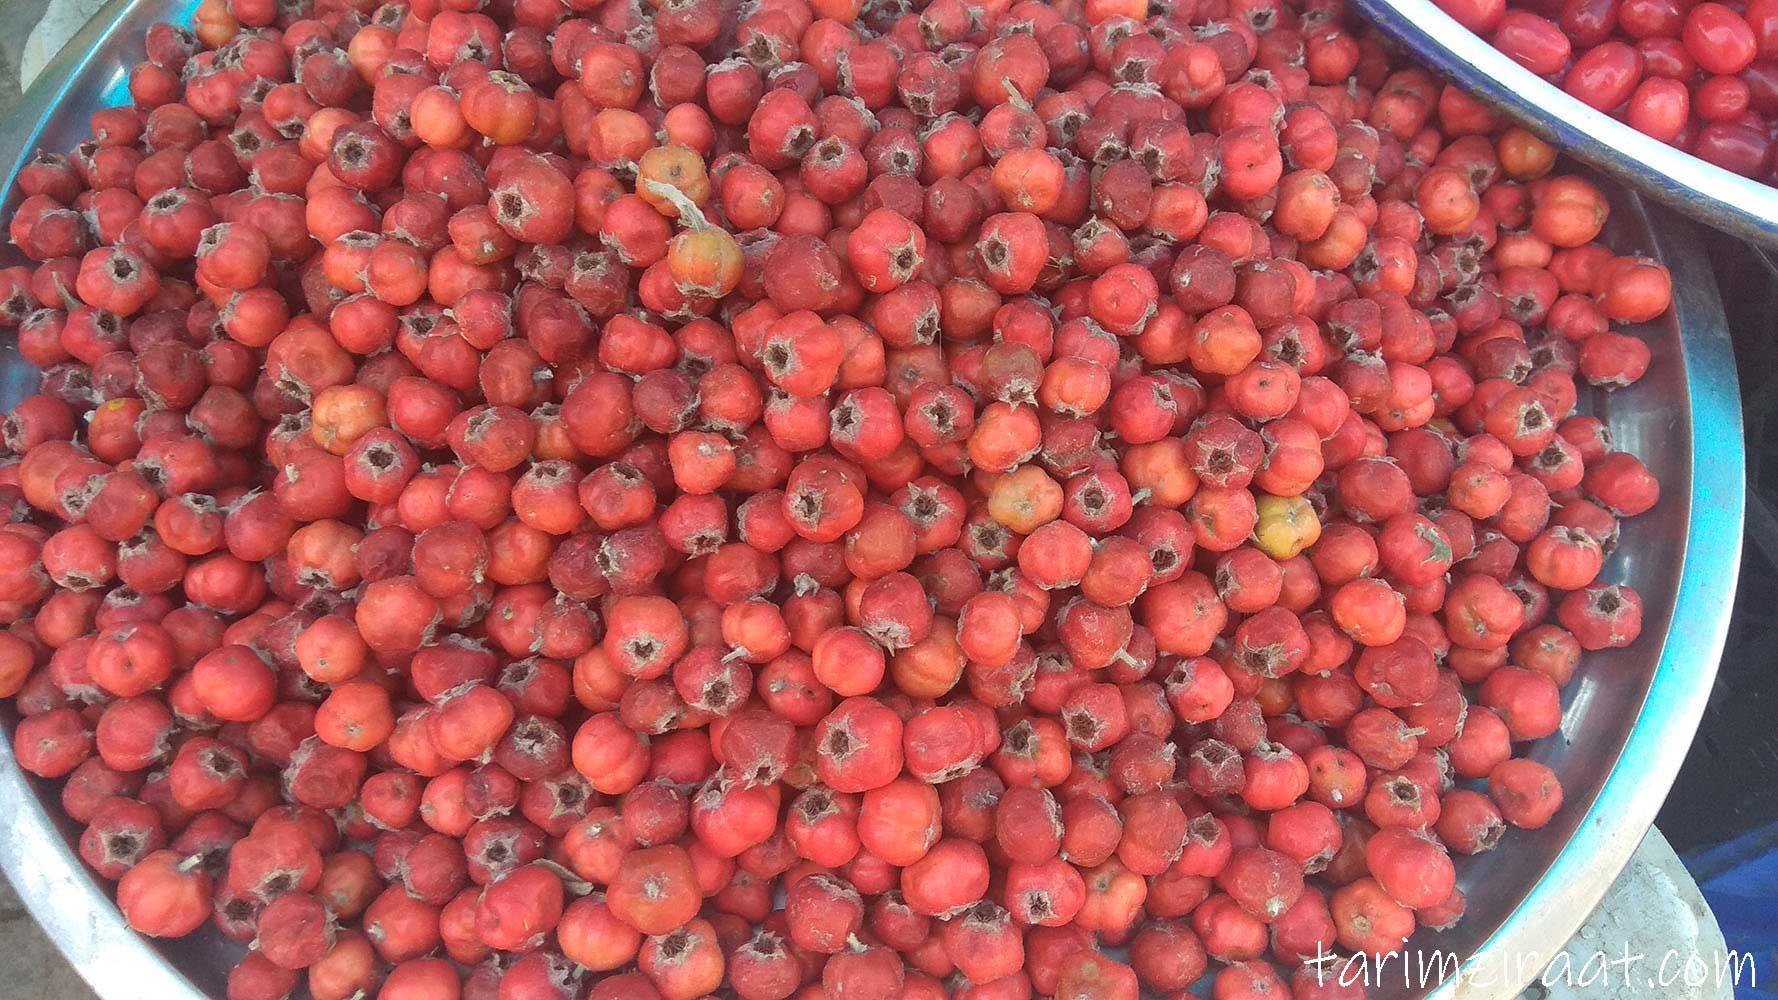 Alıç meyvesi fiyatları,Alıç meyvesi piyasası, Alıç meyvesi resmi